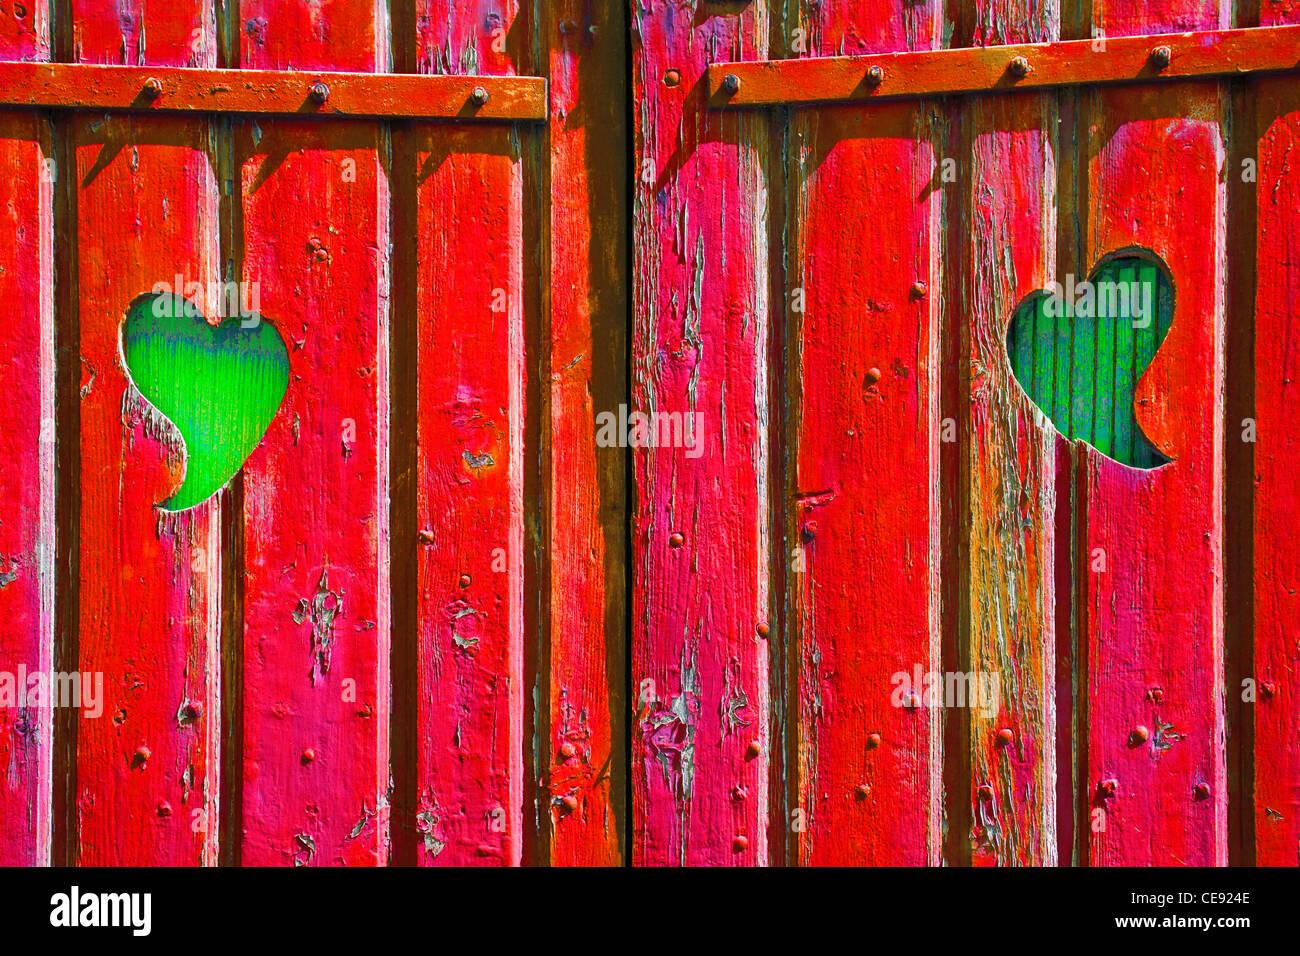 Zwei Herzformen geschnitten in einem roten Holztor enthüllt Grünholz hinter, symbolisch für Neid, Stockbild